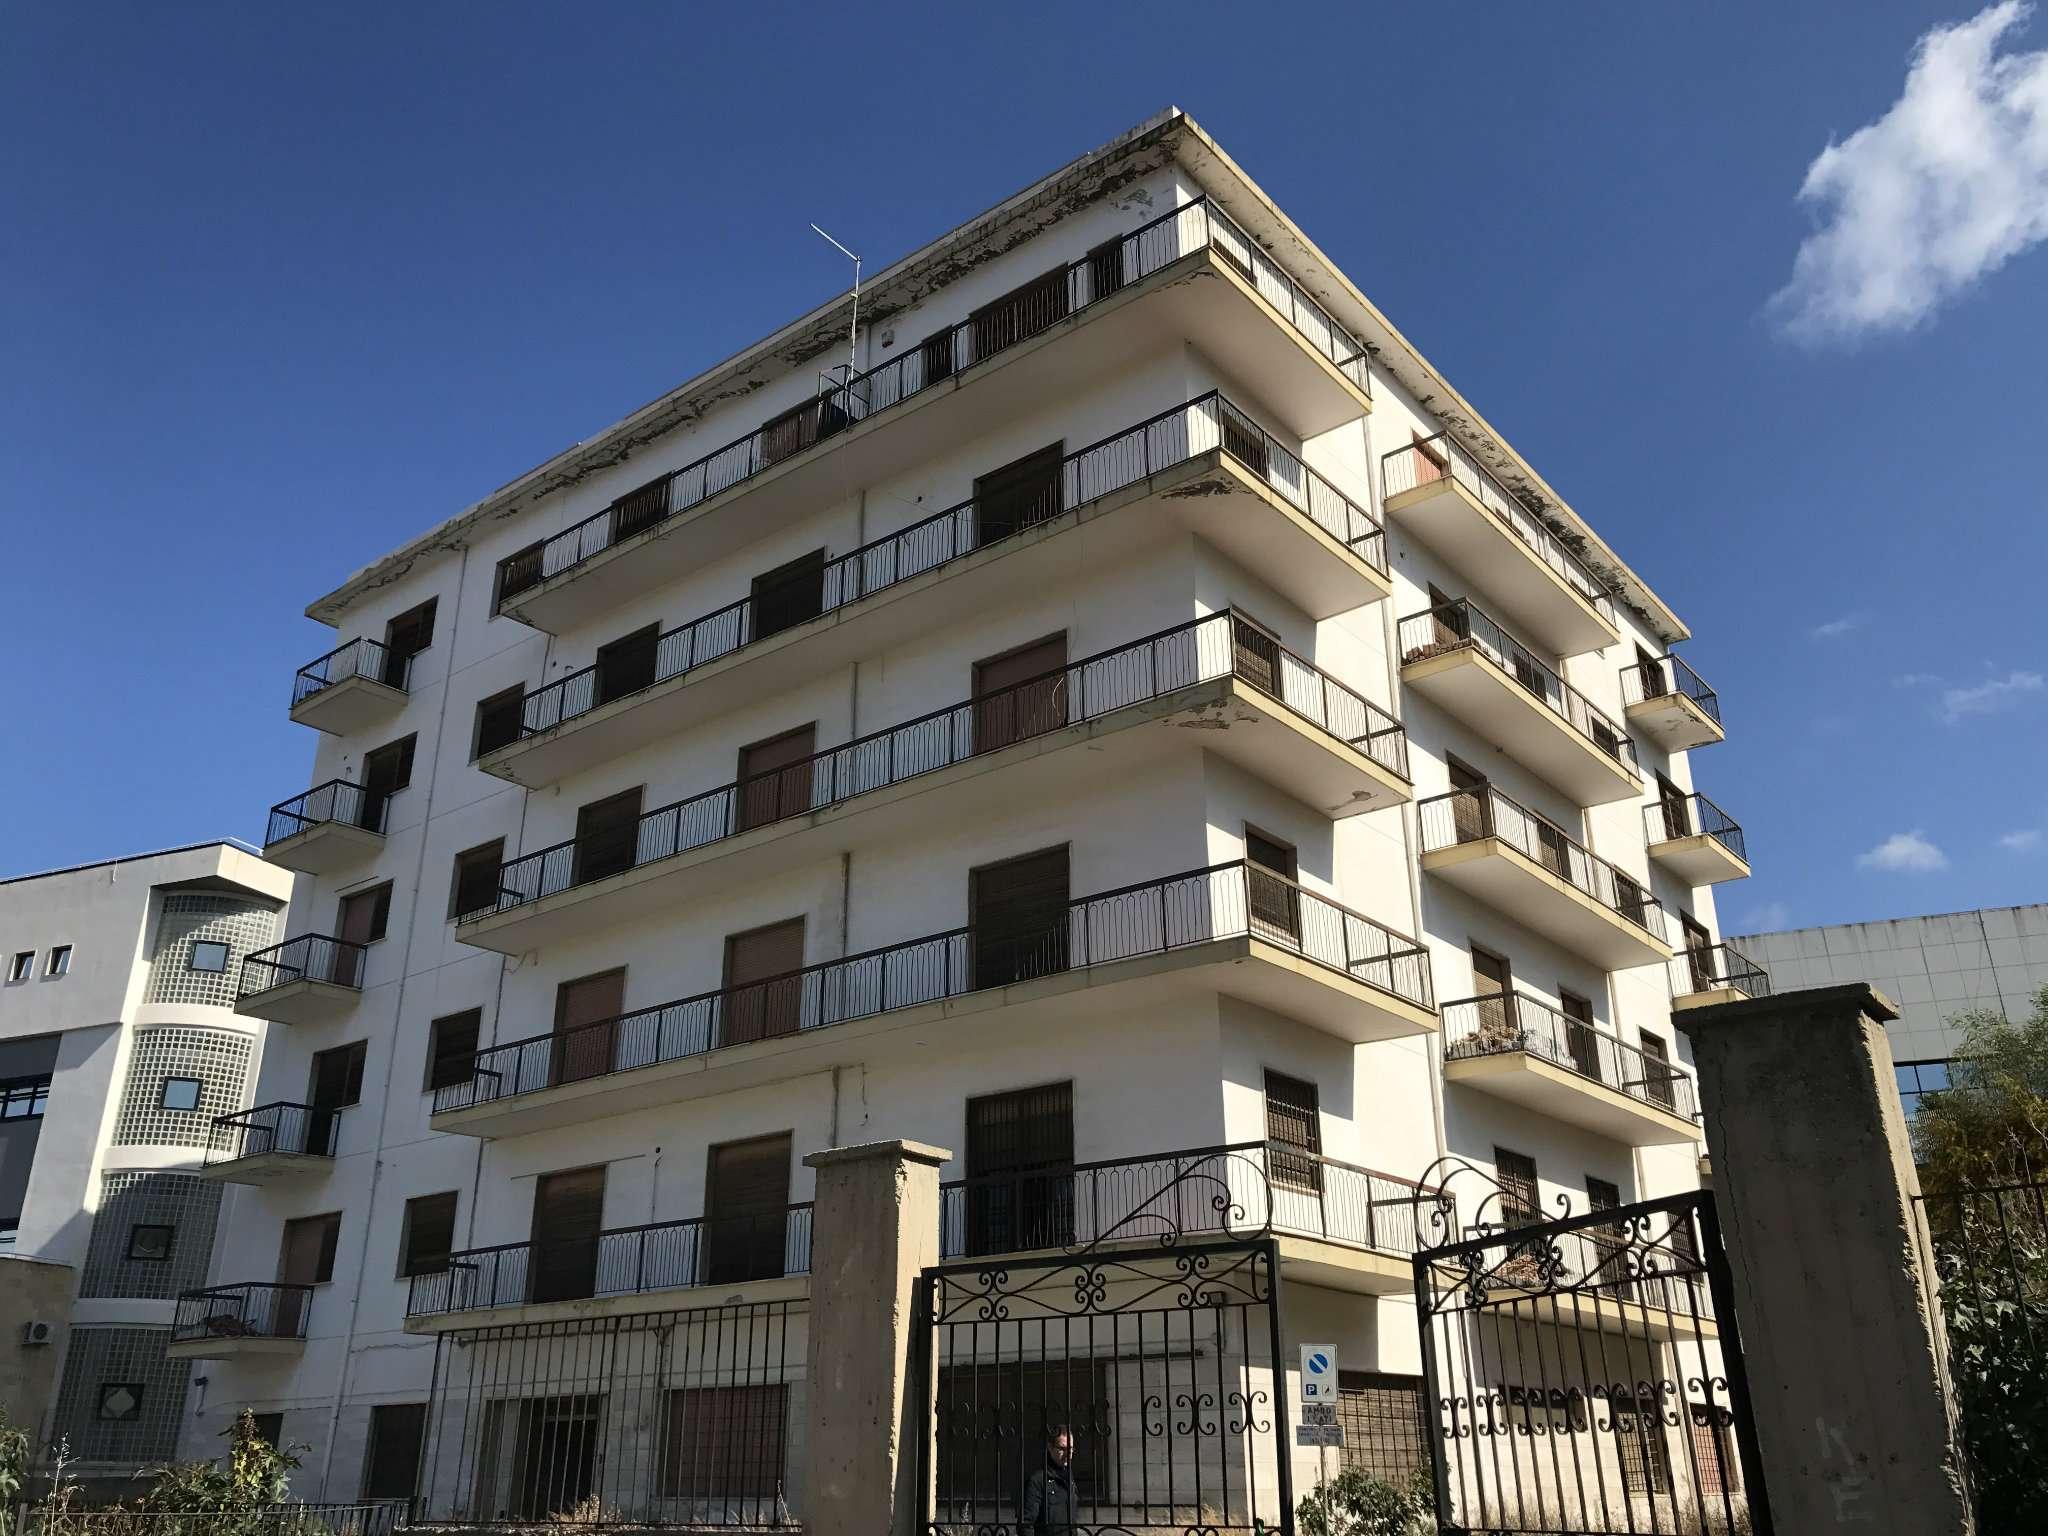 Palazzo-stabile Vendita Reggio Di Calabria